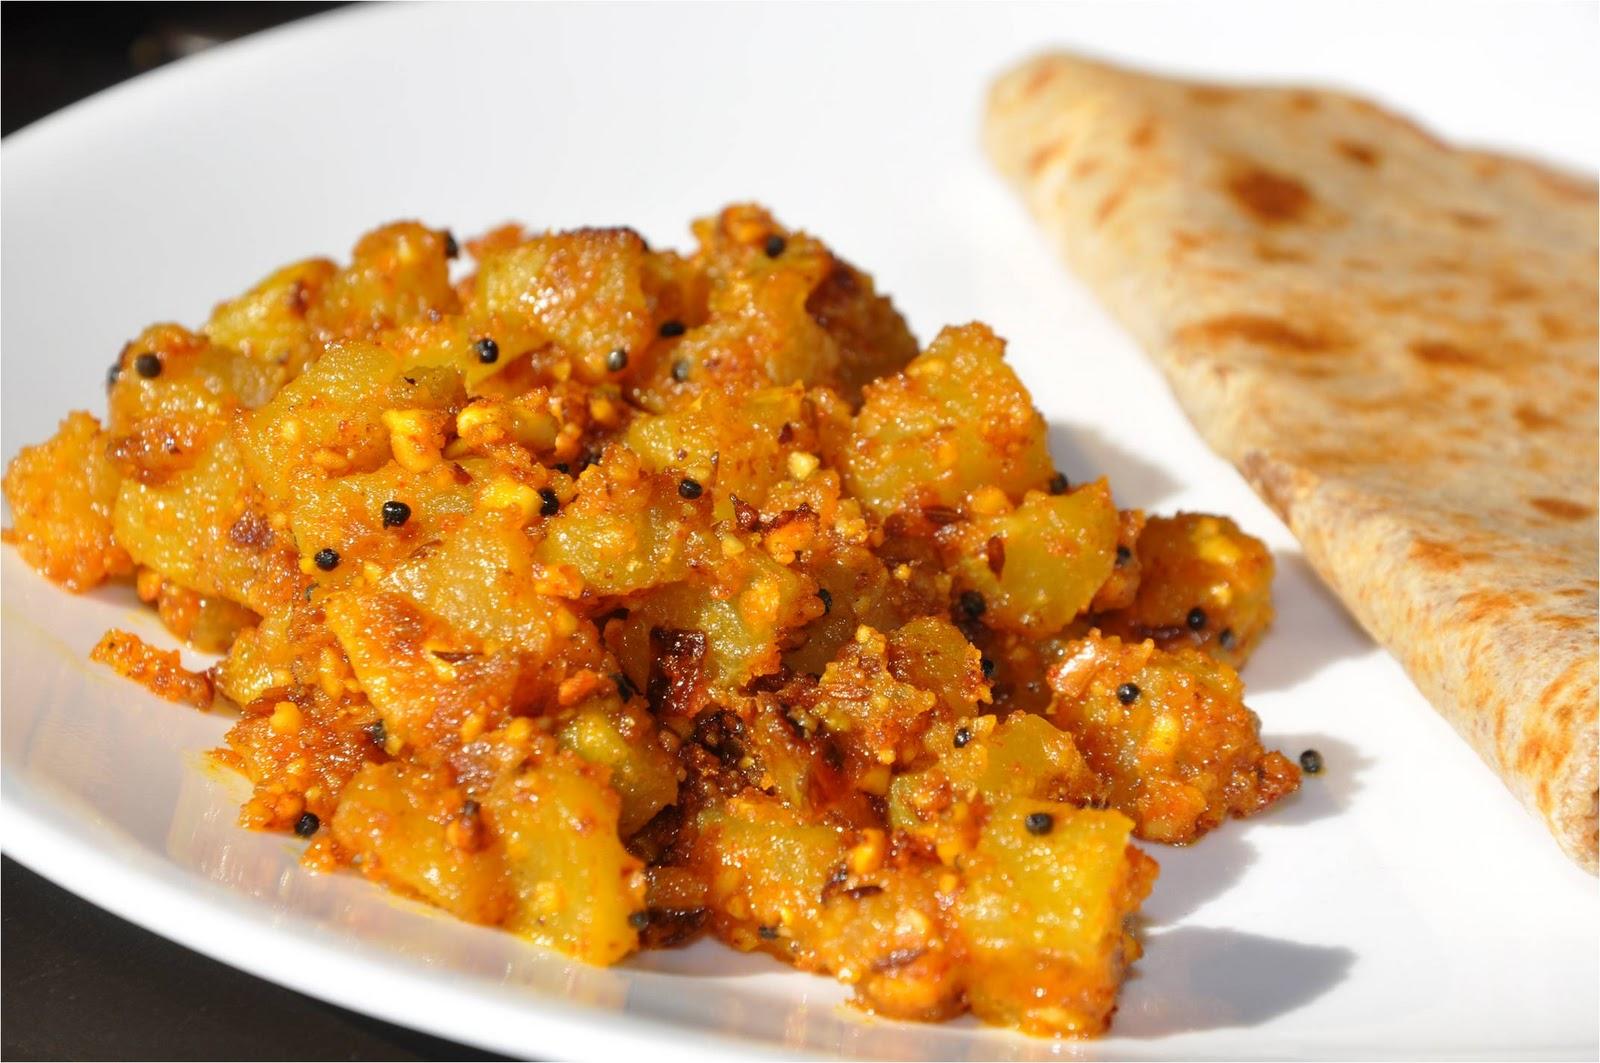 ... की सूखी सब्जी (Raw Papaya with Peanuts Fry